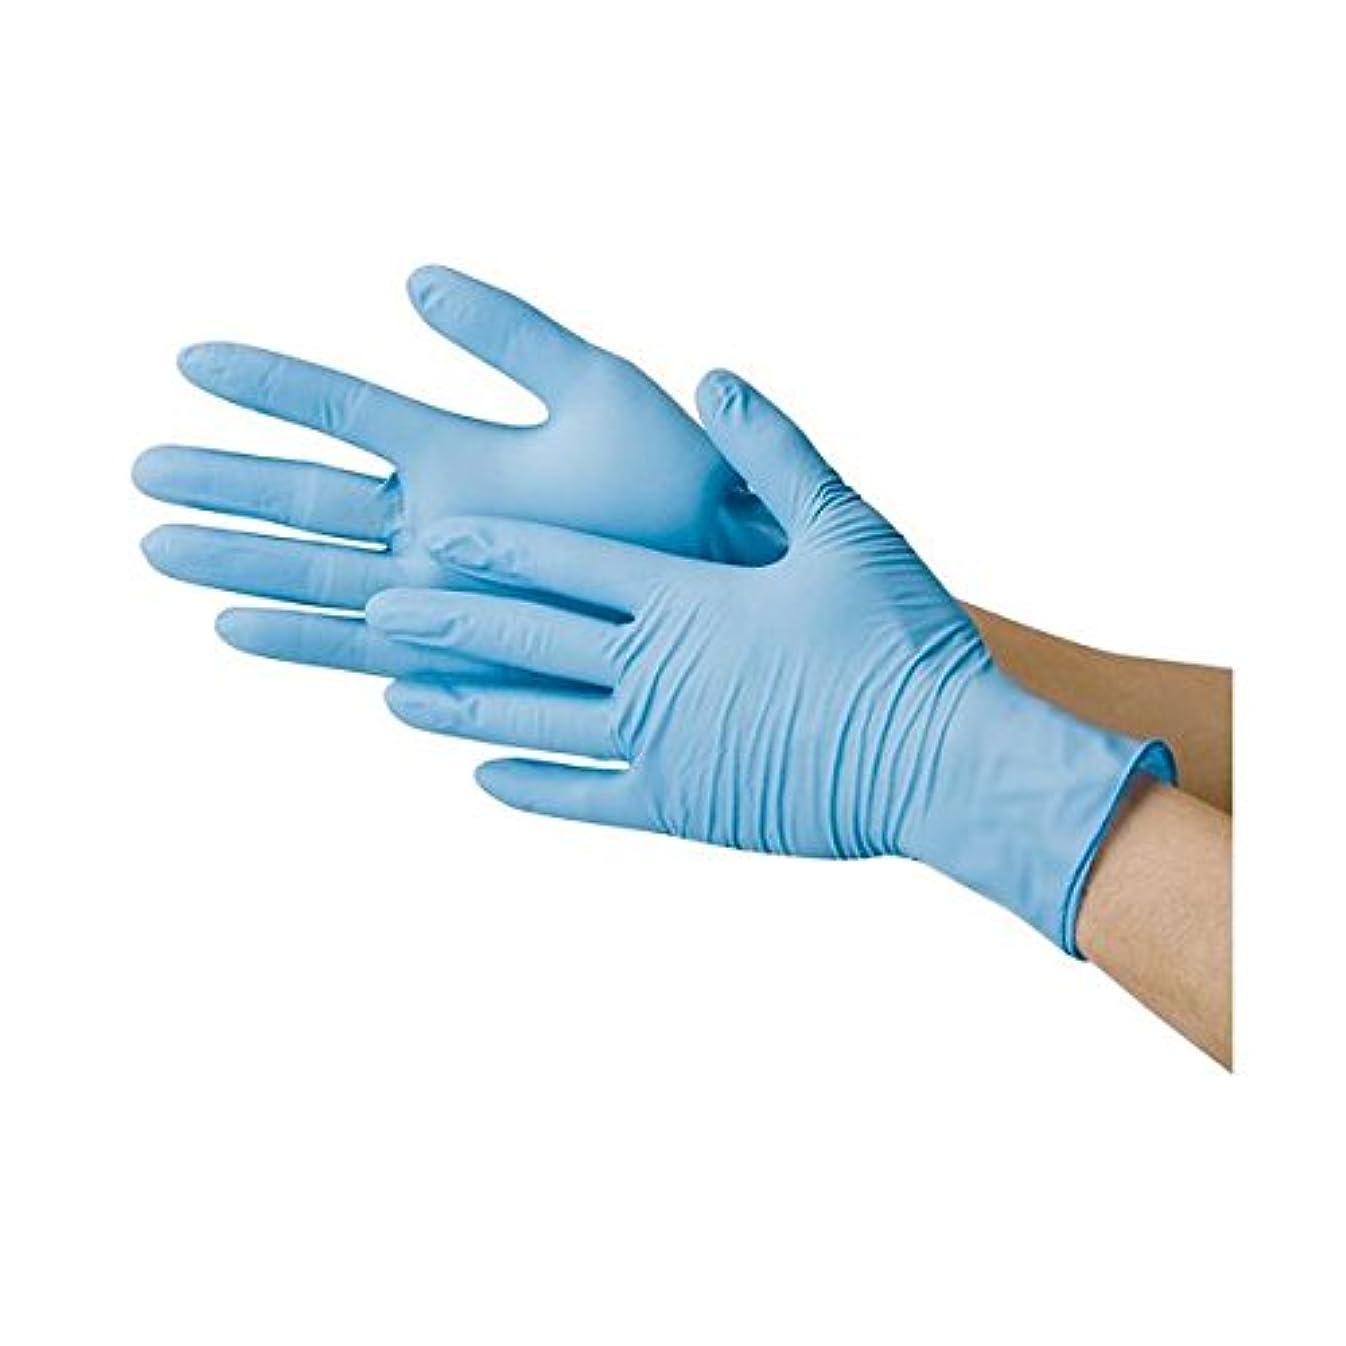 スロー切手指導する川西工業 ニトリル極薄手袋 粉なし ブルーM ダイエット 健康 衛生用品 その他の衛生用品 14067381 [並行輸入品]